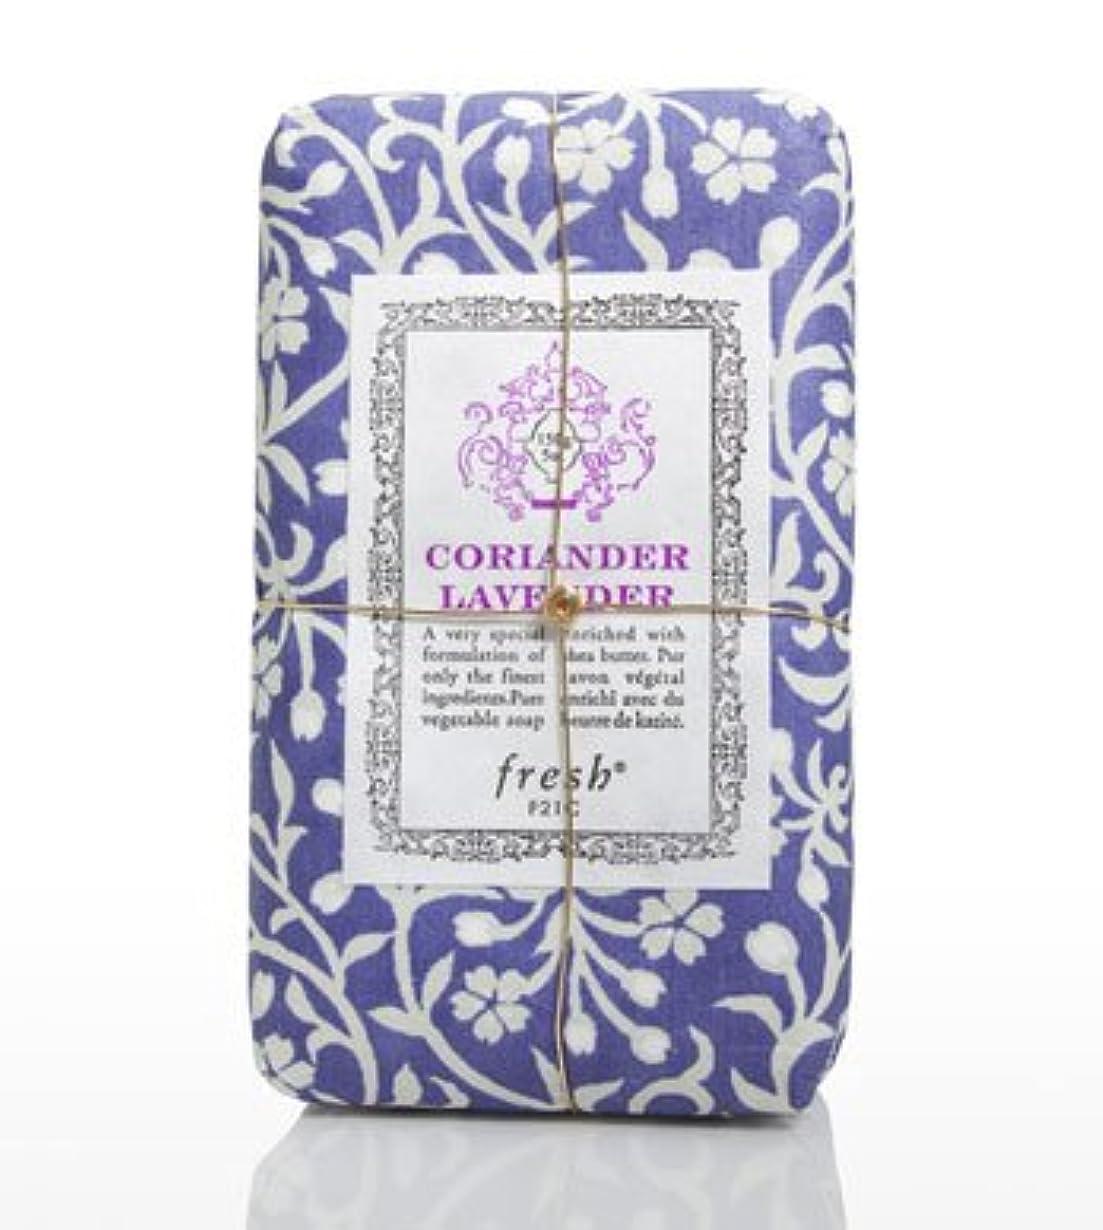 ヘッドレス委託切手Fresh CORIANDER LAVENDAR SOAP(フレッシュ コリアンダーラベンダー ソープ) 5.0 oz (150gl) 石鹸 by Fresh